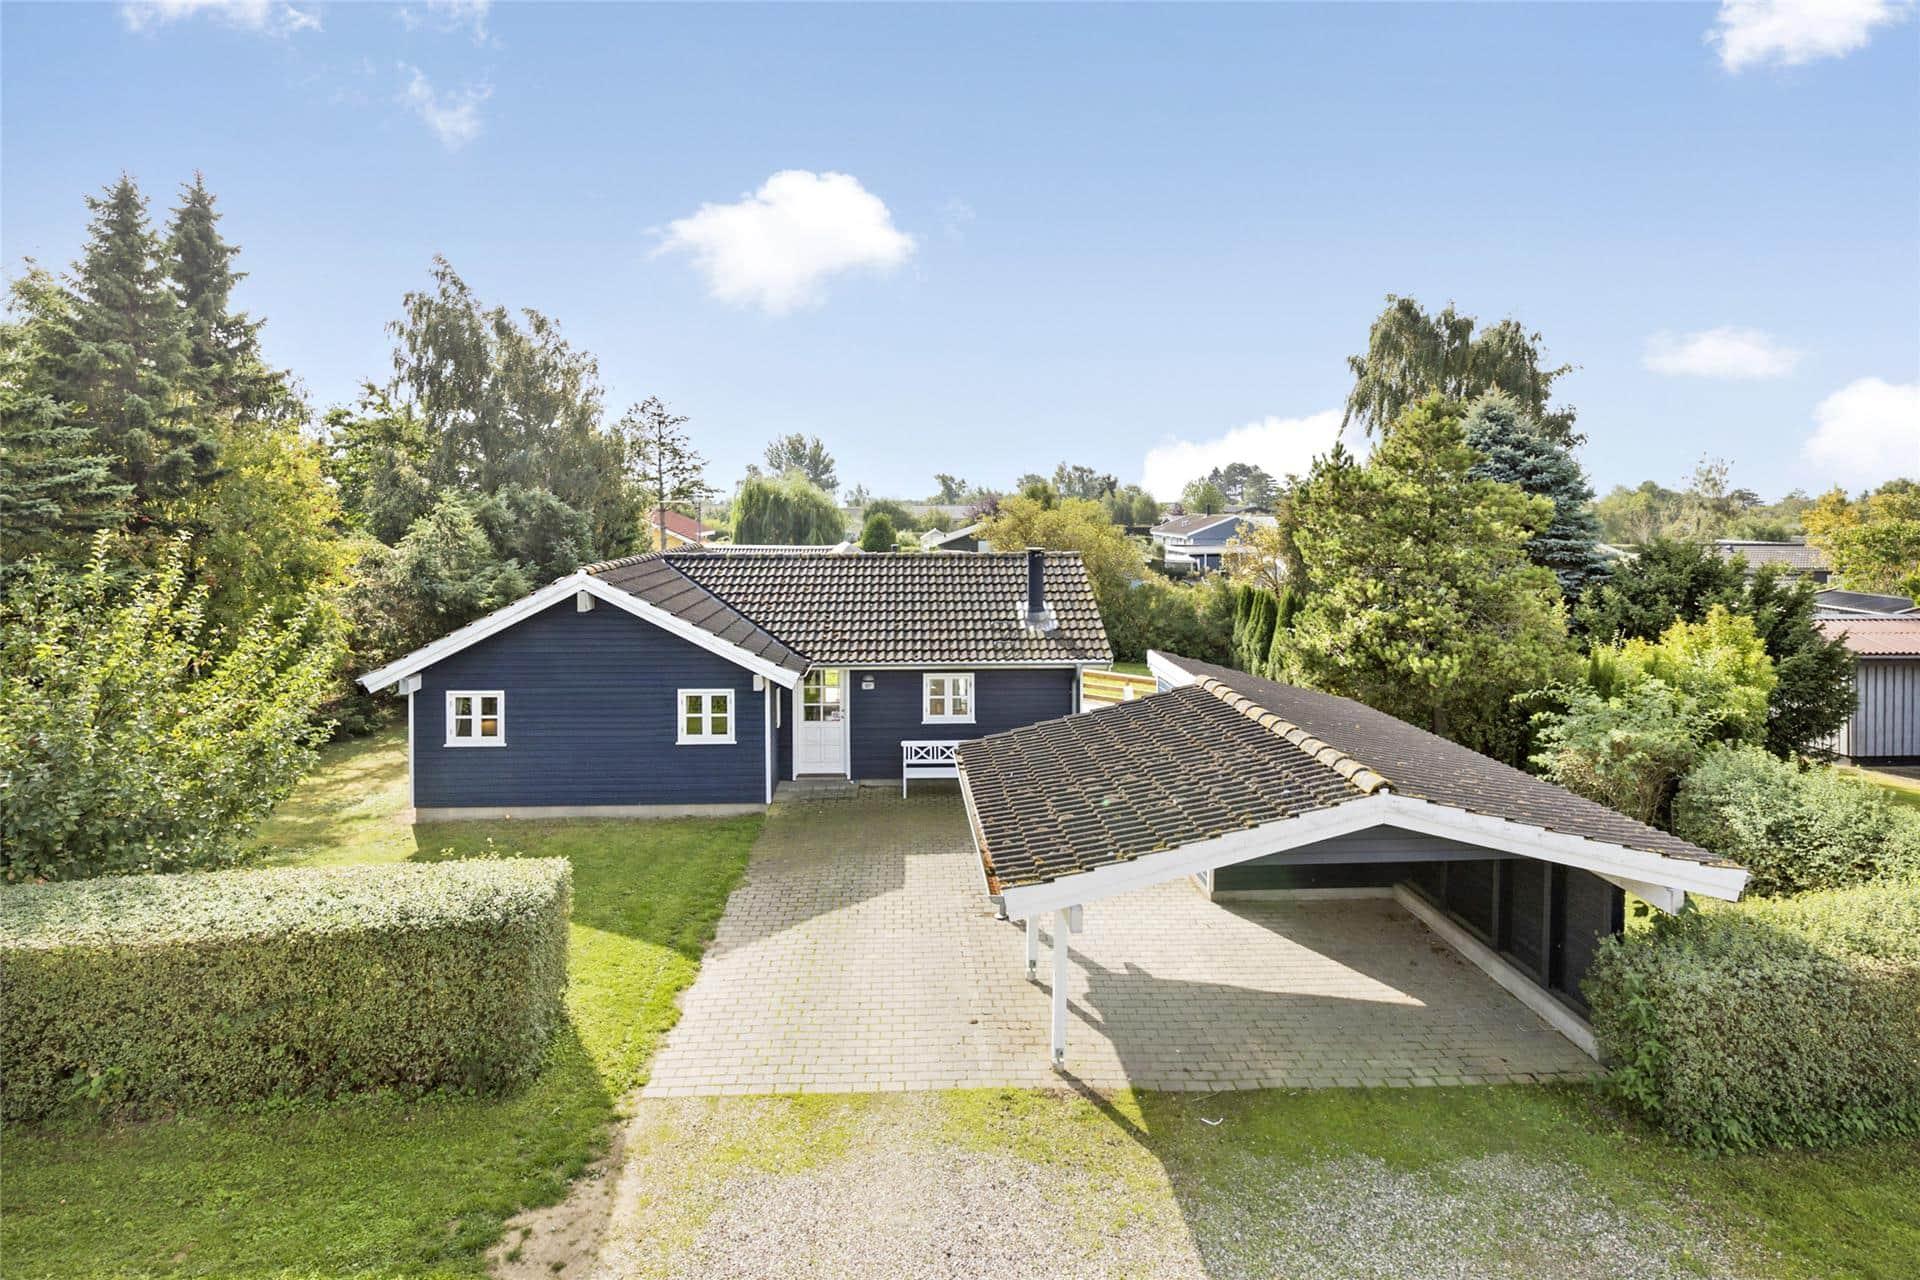 Billede 1-6 Sommerhus N106, Krageholmsvej 97, DK - 4736 Karrebæksminde